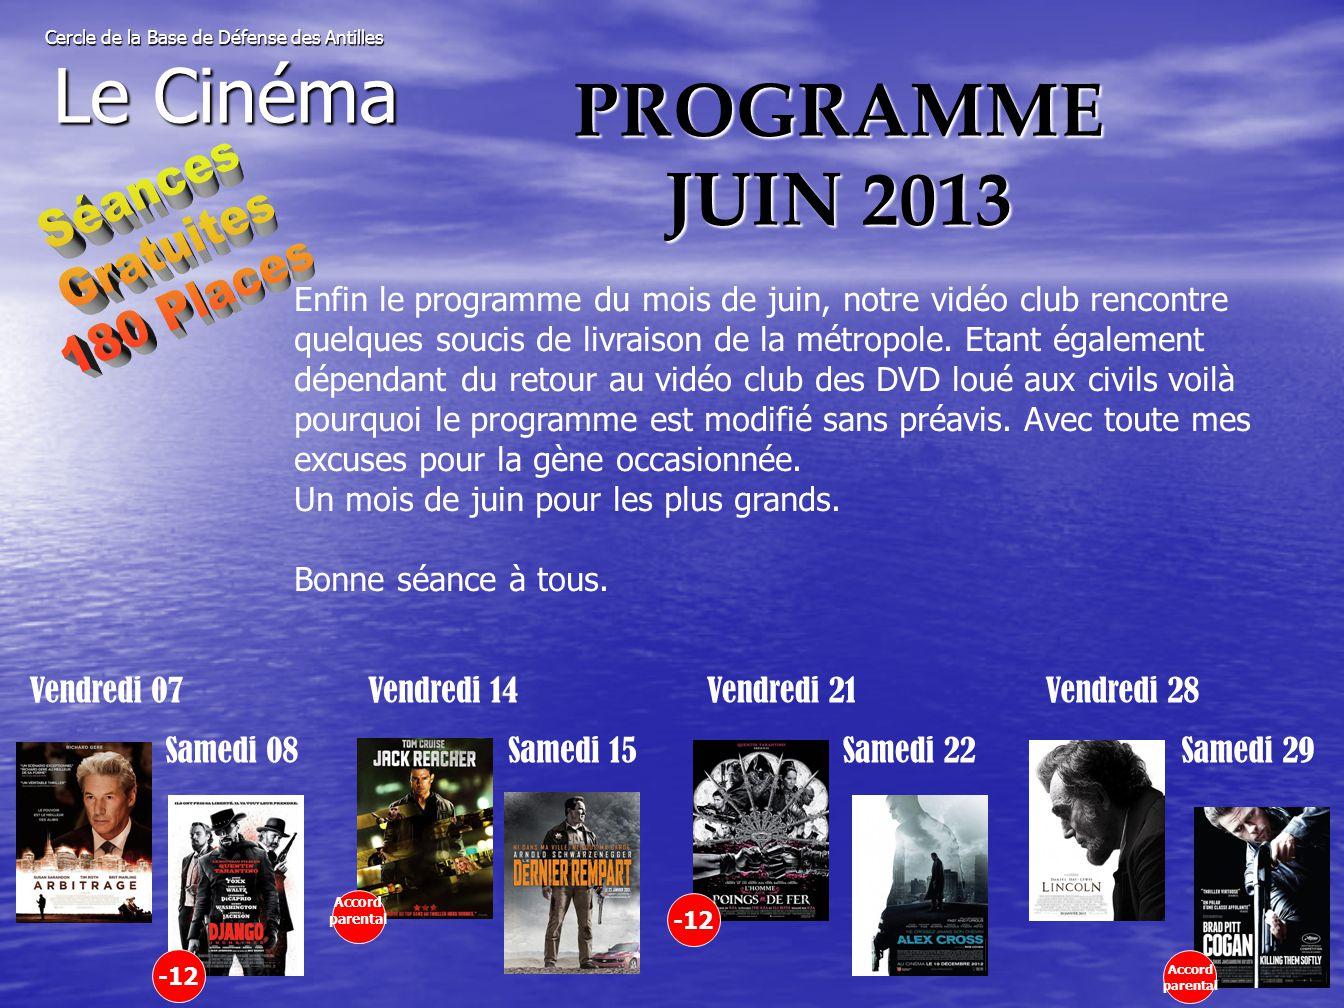 PROGRAMME JUIN 2013 Cercle de la Base de Défense des Antilles Le Cinéma Enfin le programme du mois de juin, notre vidéo club rencontre quelques soucis